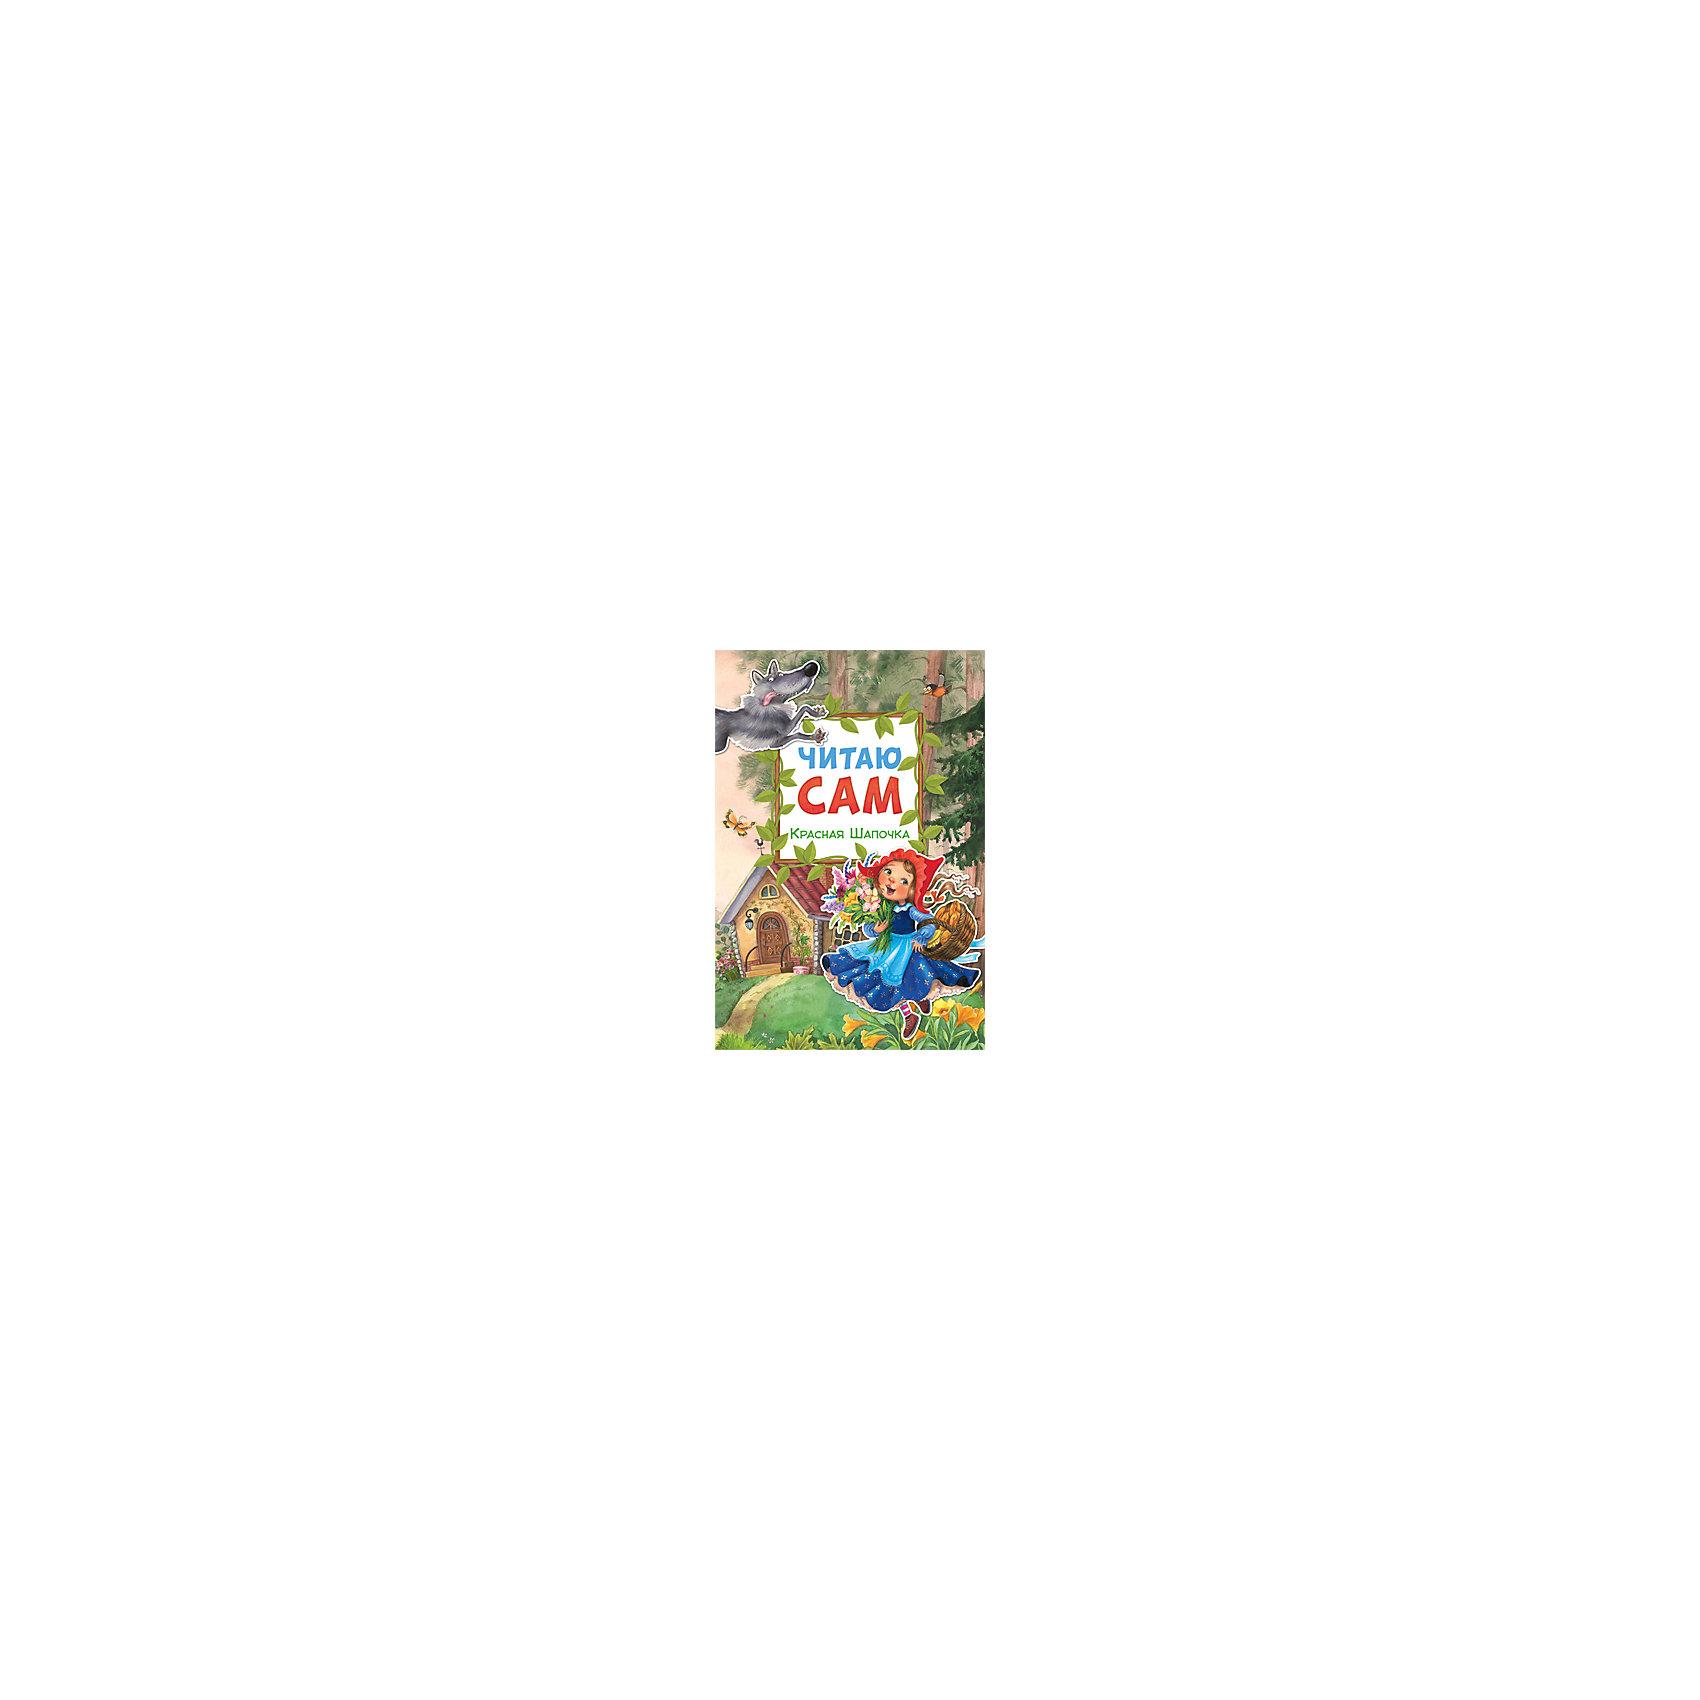 Читаю сам: Красная шапочкаШарль Перро<br>Книга Читаю сам: Красная шапочка.<br><br>Характеристики:<br><br>• Для детей в возрасте: от 3 до 7 лет<br>• Редактор: Лариса Алиева<br>• Иллюстратор: Любовь Еремина<br>• Издательство: Мозаика-Синтез<br>• Серия: Читаю сам<br>• Год издания: 2016<br>• Тип обложки: мягкий переплет (крепление скрепкой или клеем)<br>• Иллюстрации: цветные<br>• Количество страниц: 12<br>• Размер: 240х160х2 мм.<br>• Вес: 50 гр.<br>• ISBN: 9785431509766<br><br>Красочная книга «Красная шапочка» серии «Читаю сам» идеально подходит для первого самостоятельного прочтения. Чтение любимой сказки обязательно увлечет ребенка. Ему будет легко воспринять текст, благодаря крупному шрифту и расставленным в словах ударениям, а великолепные иллюстрации помогут удержать его интерес, ваш ребенок с удовольствием дочитает сказку до конца.<br><br>Книгу Читаю сам: Красная шапочка можно купить в нашем интернет-магазине.<br><br>Ширина мм: 200<br>Глубина мм: 162<br>Высота мм: 240<br>Вес г: 50<br>Возраст от месяцев: 36<br>Возраст до месяцев: 84<br>Пол: Унисекс<br>Возраст: Детский<br>SKU: 5523215